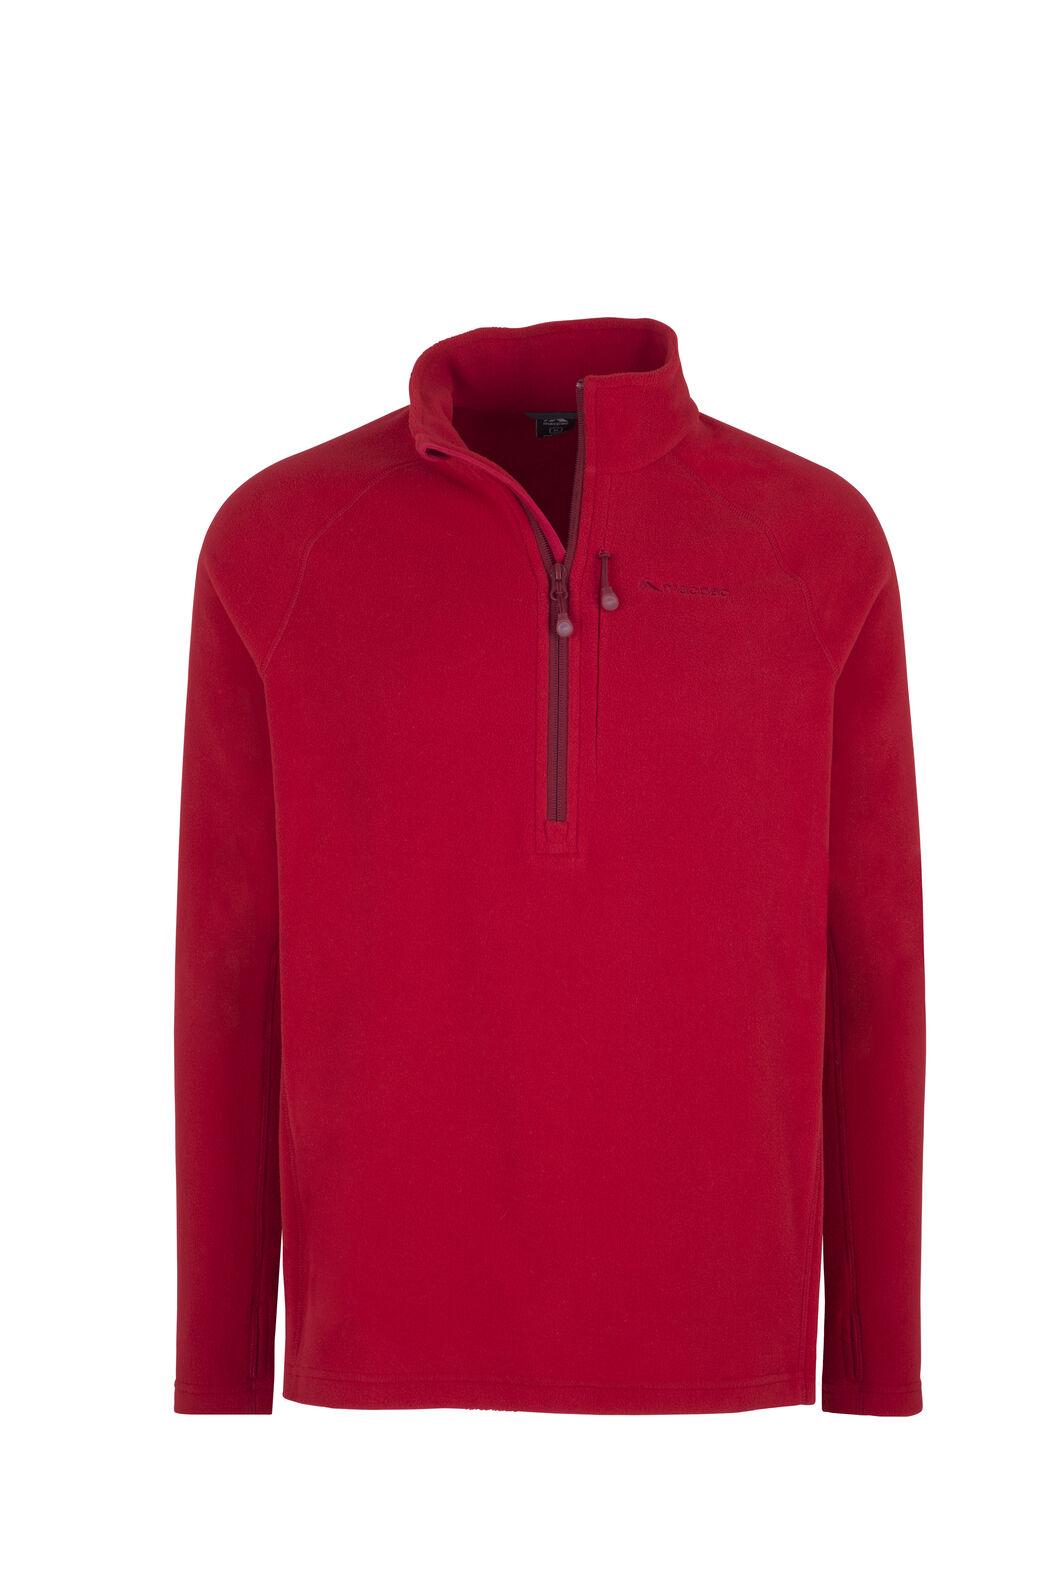 Macpac Tui Polartec® Micro Fleece® Pullover — Men's, Haute Red, hi-res